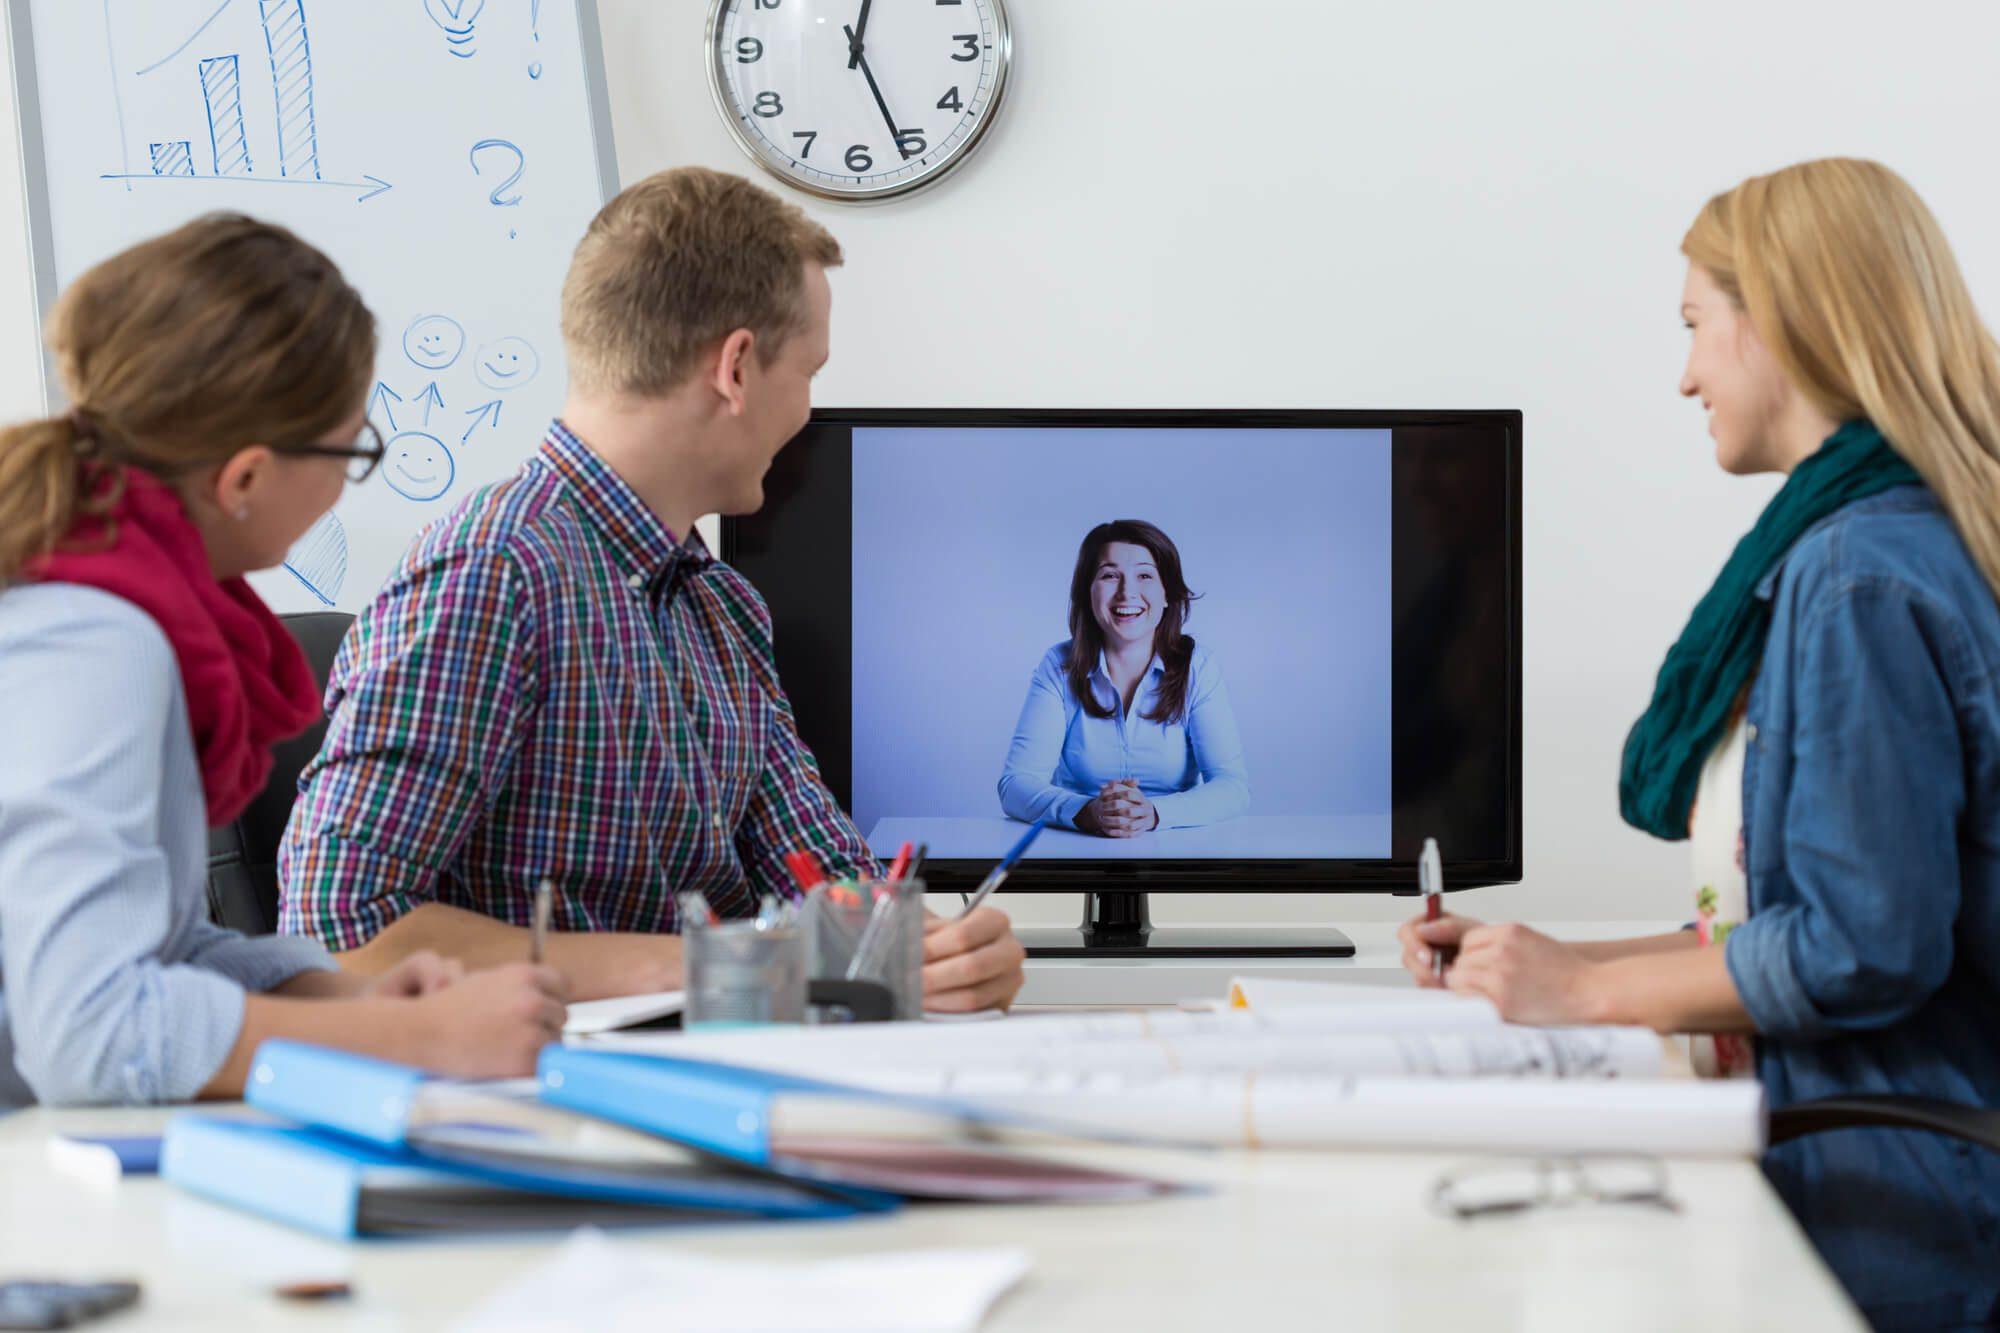 razoes para optar pela videoconferencia como solucao